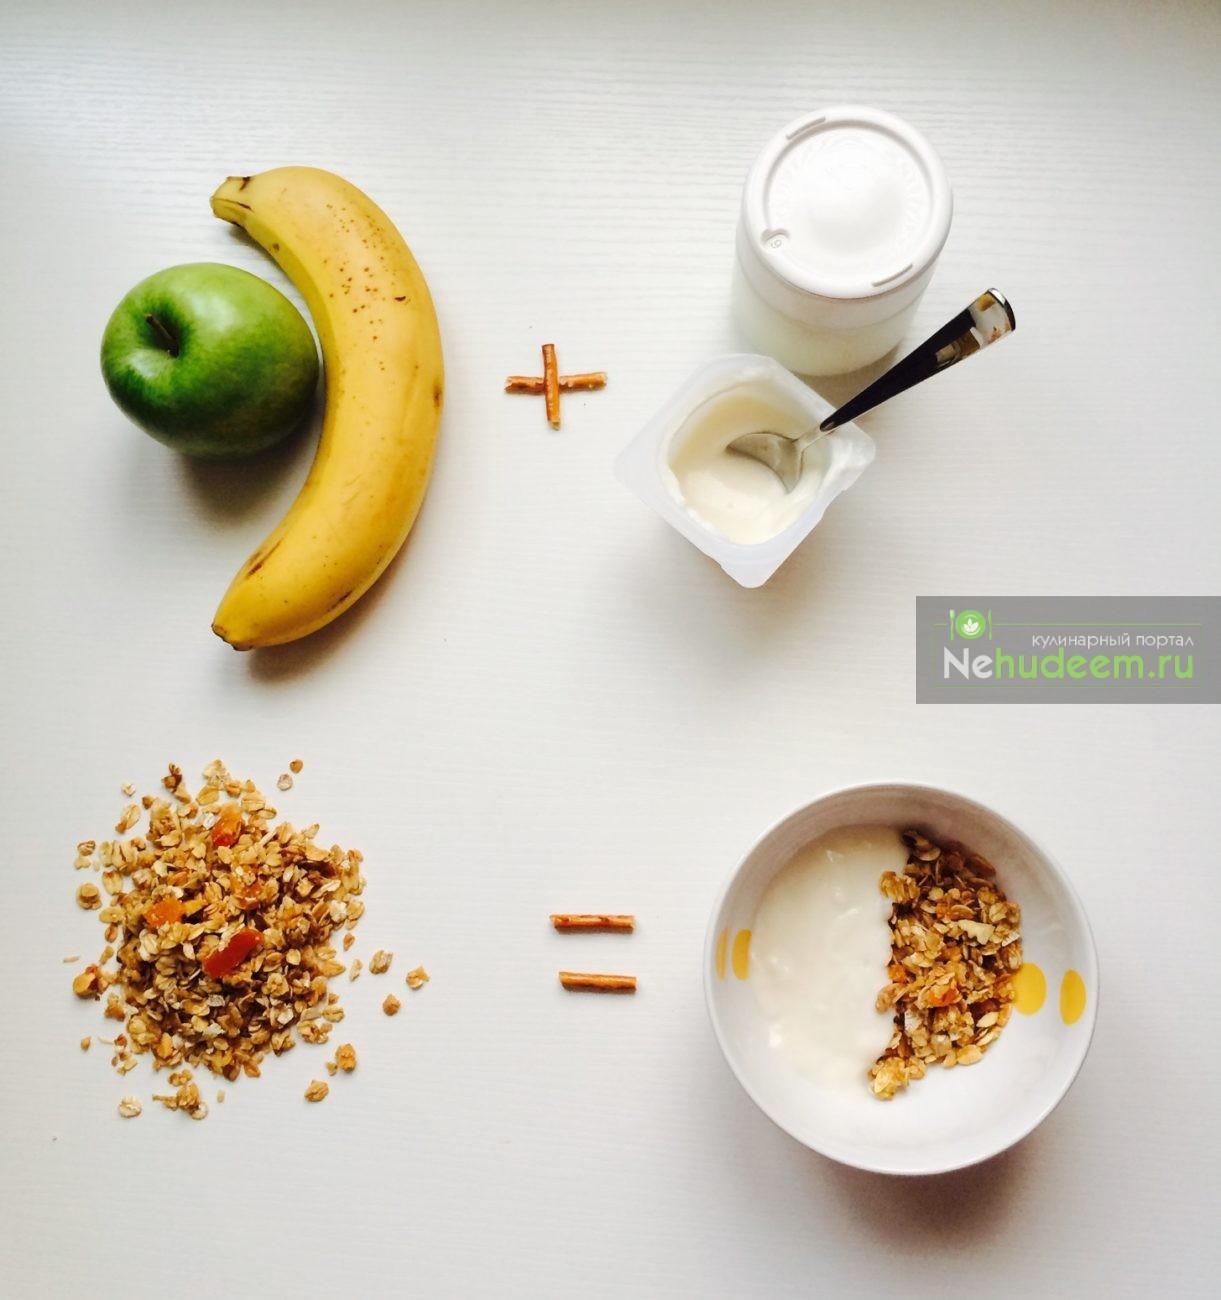 полезный завтрак залог правильного питания